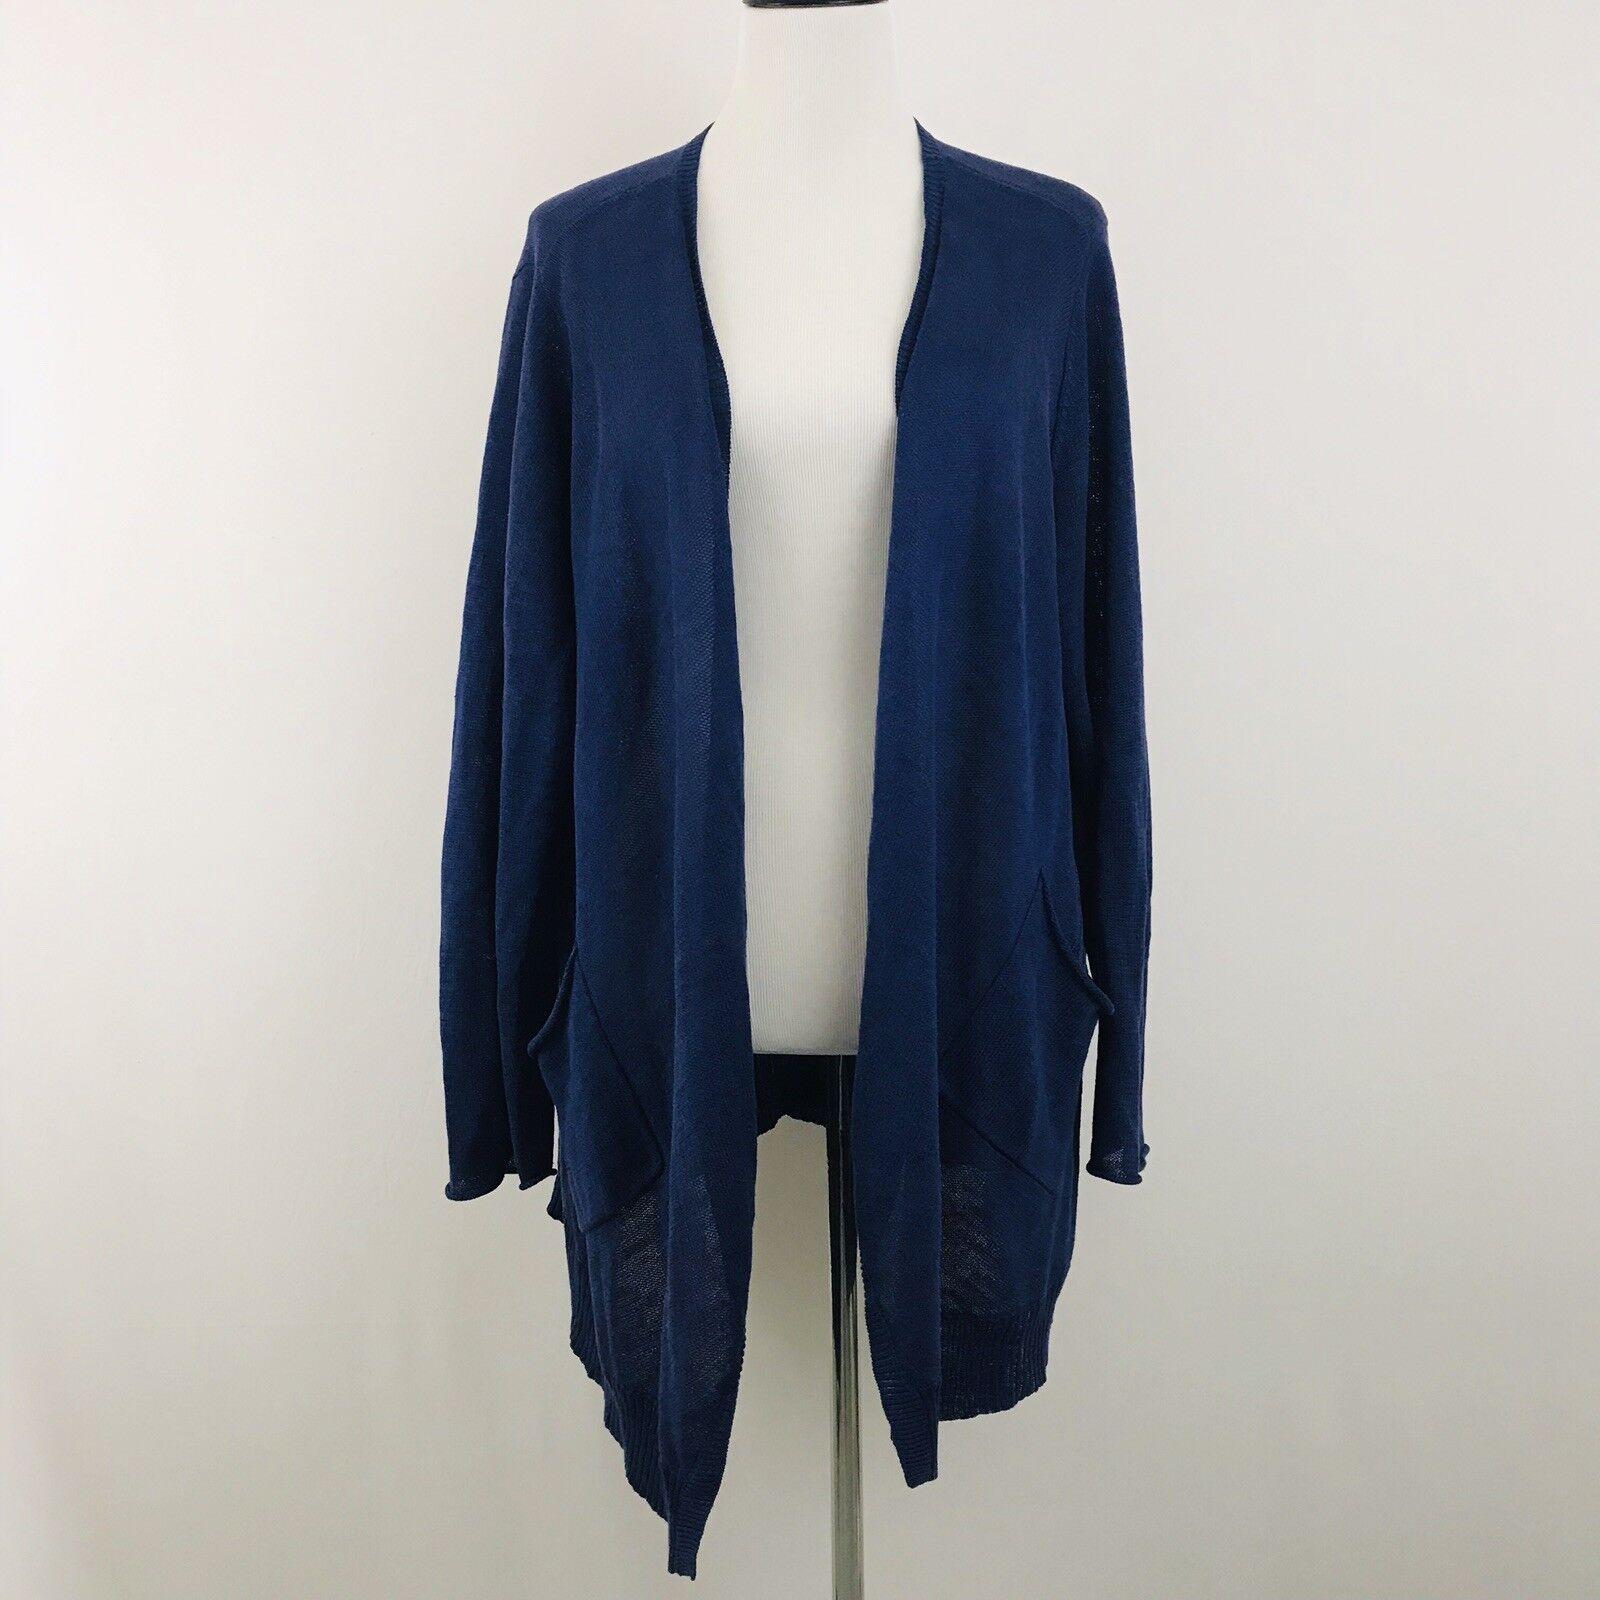 Eileen Fisher Woman Sz 2X Plum Purple Linen Open Front Cardigan Sweater